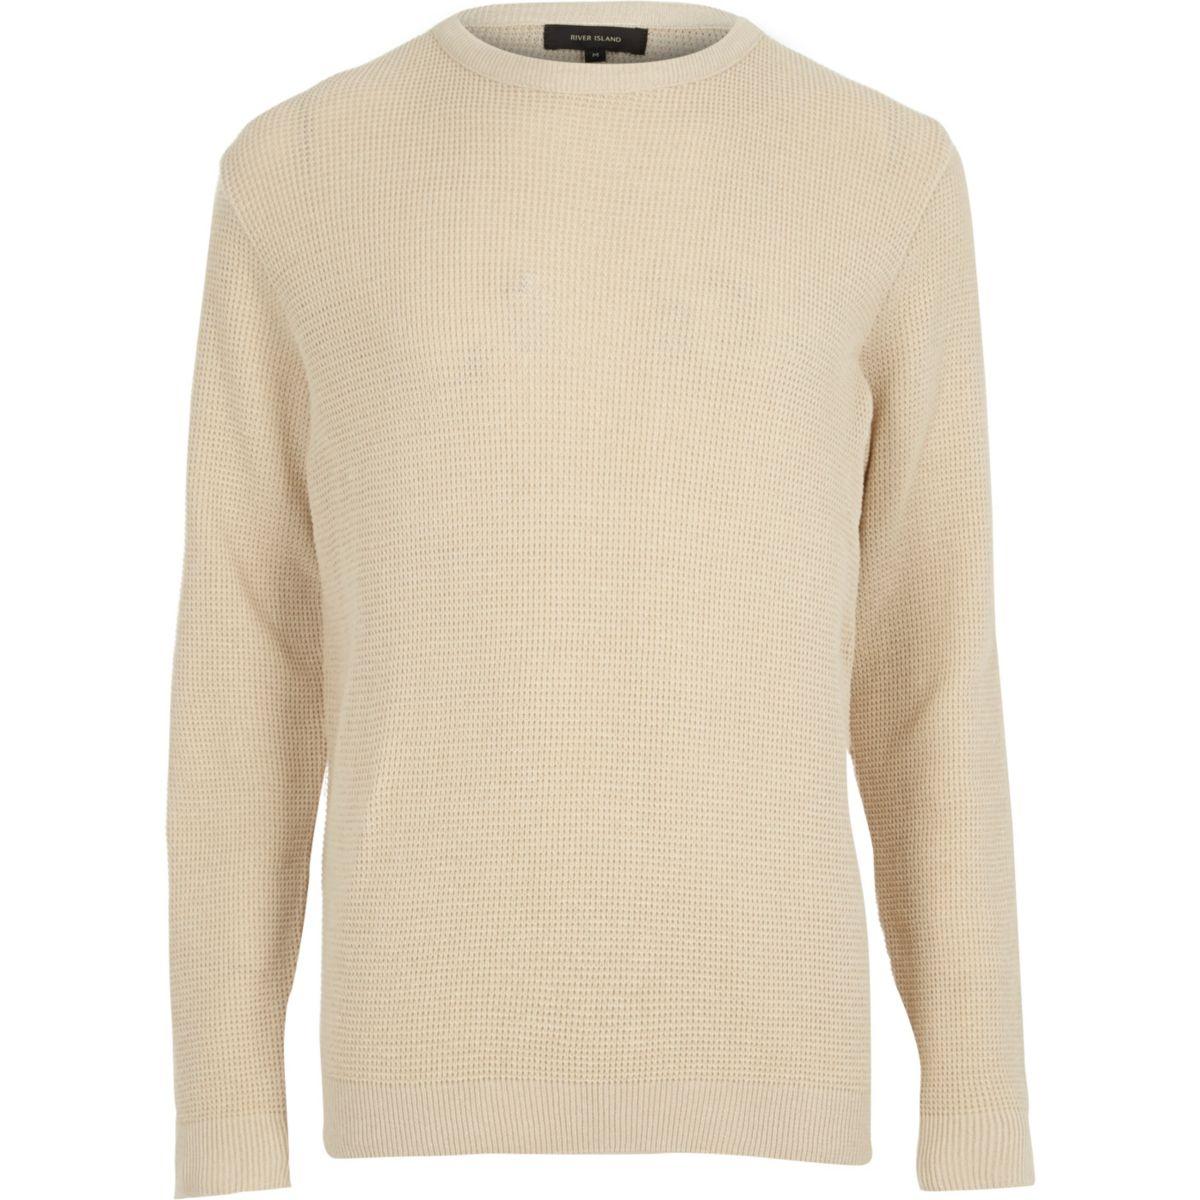 Stone textured crew neck sweater